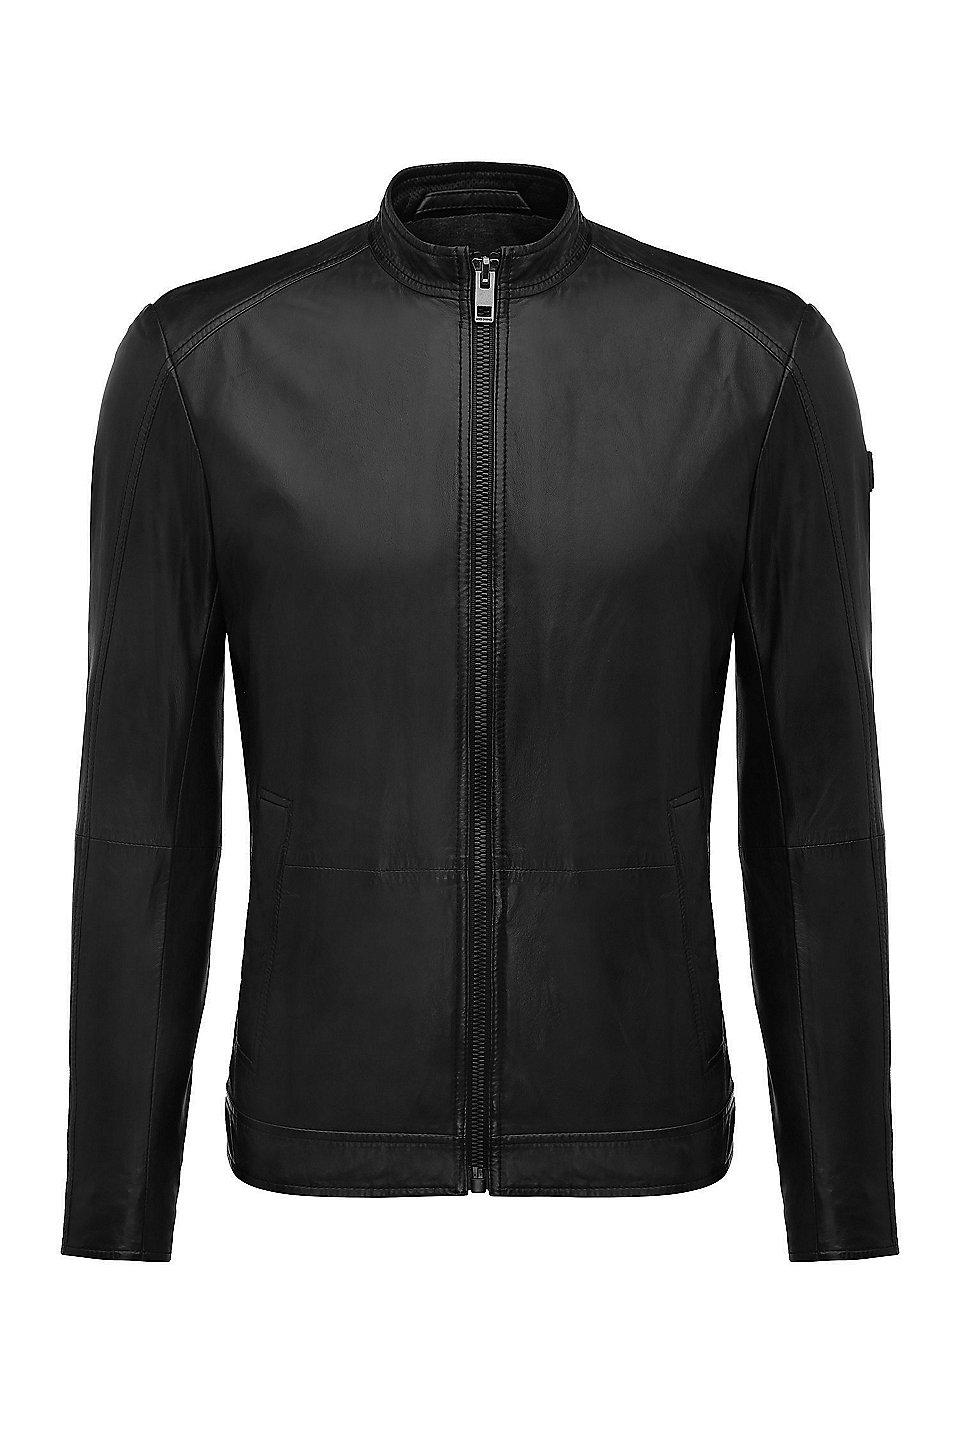 nappa leather jacket joker. Black Bedroom Furniture Sets. Home Design Ideas